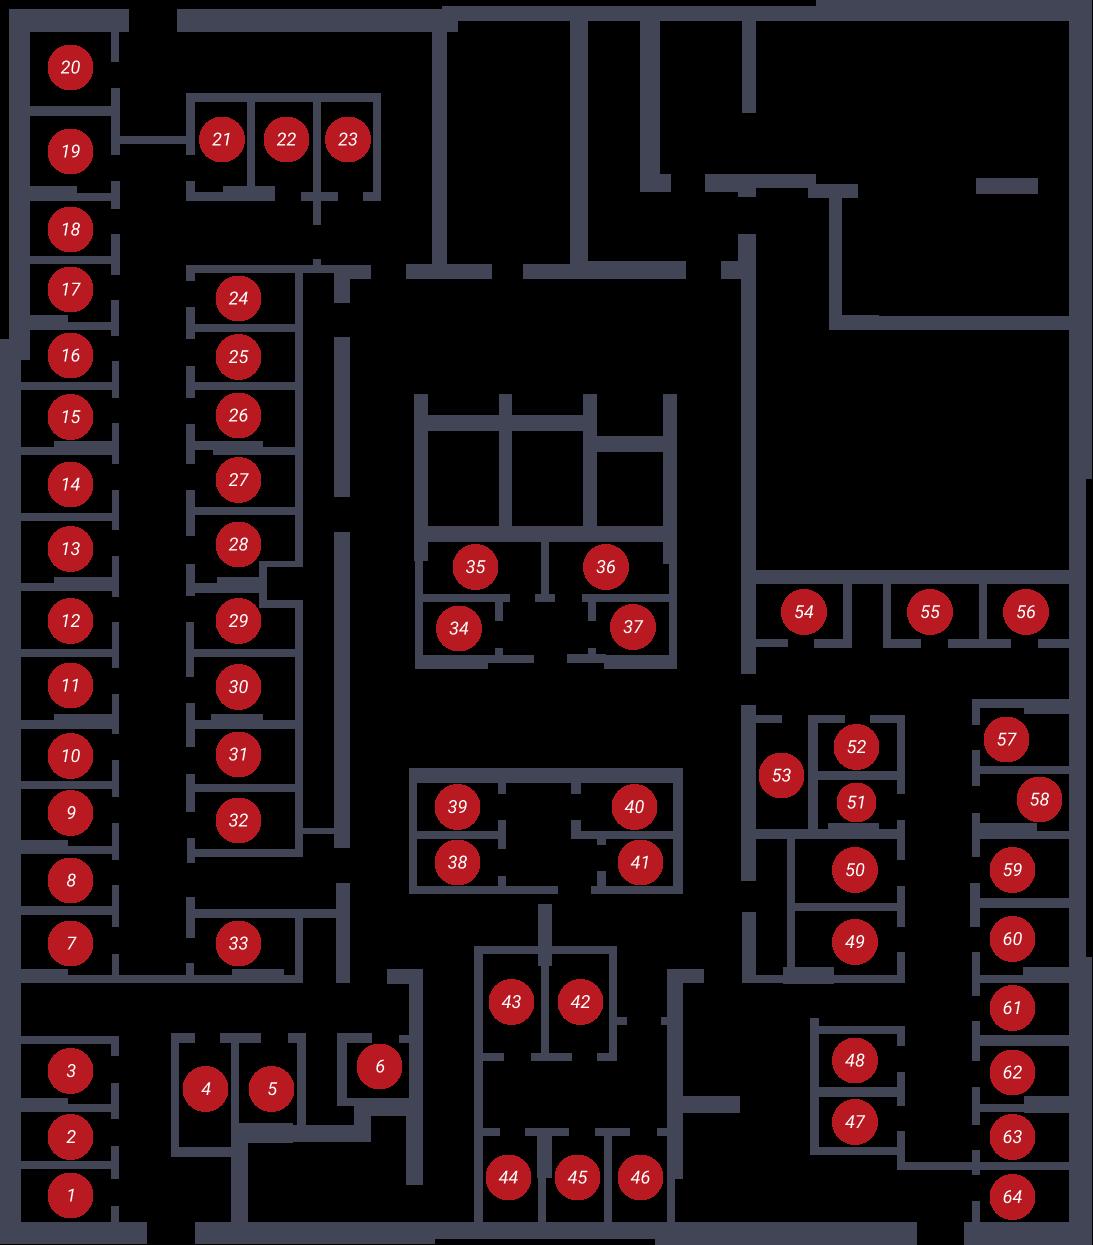 ЖК «Чкалов-2» - дом 8б стр., подъезд 1, этаж -1